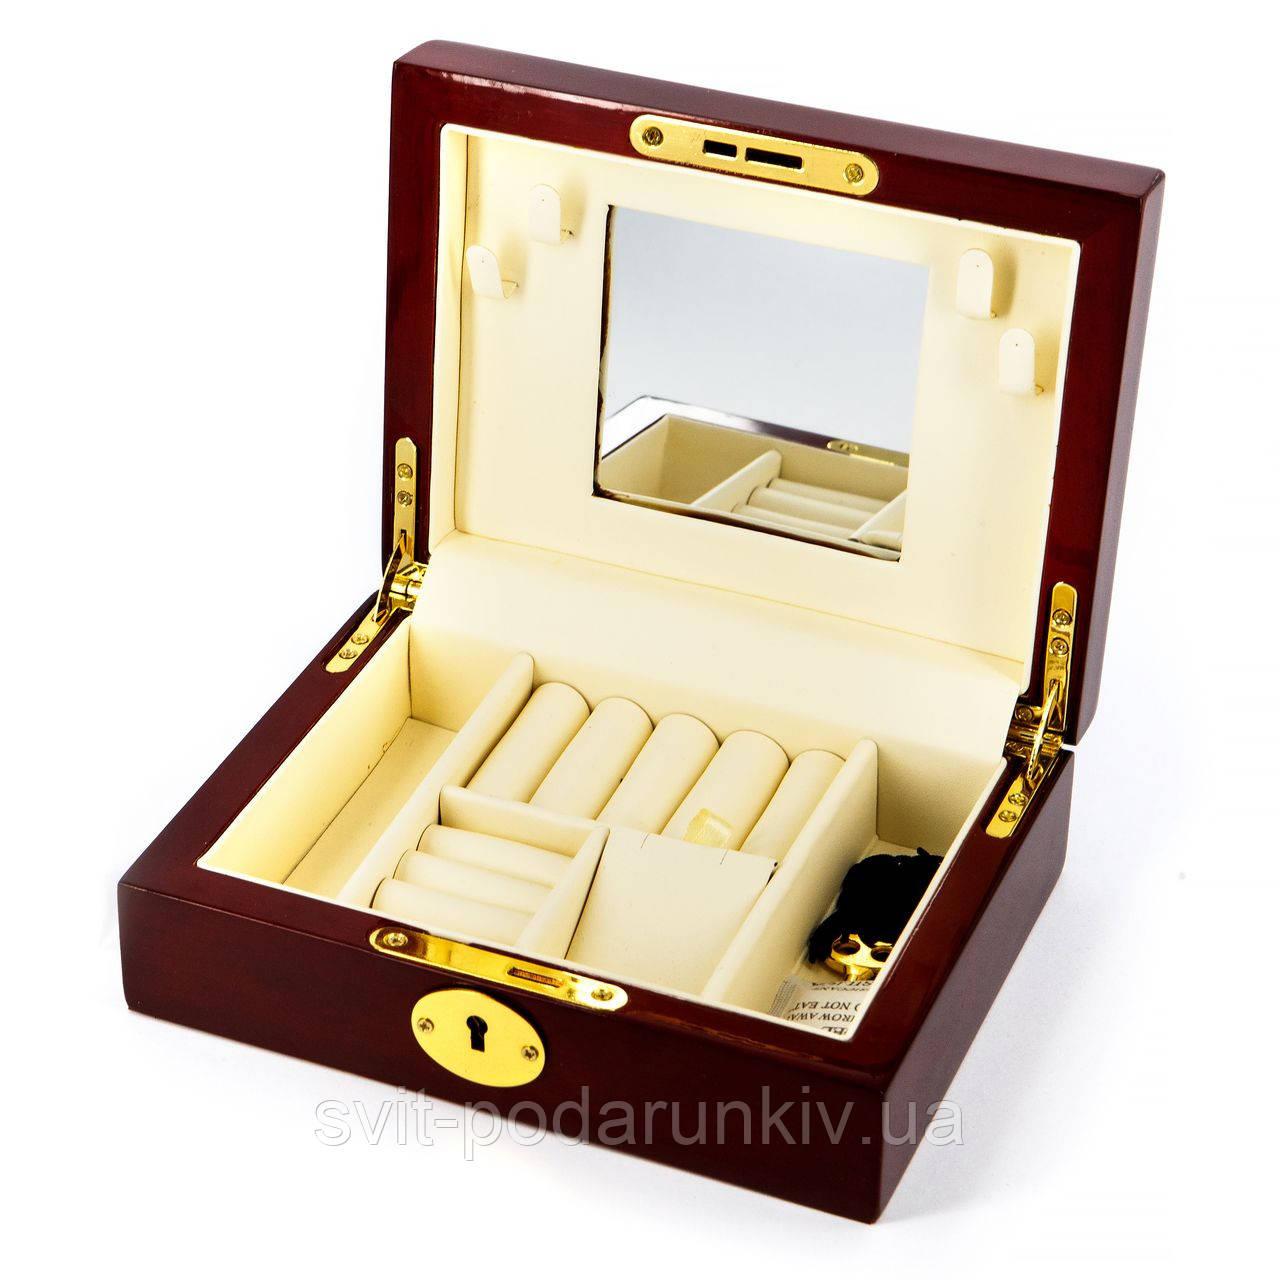 Шкатулка для хранения драгоценностей BJS509-3